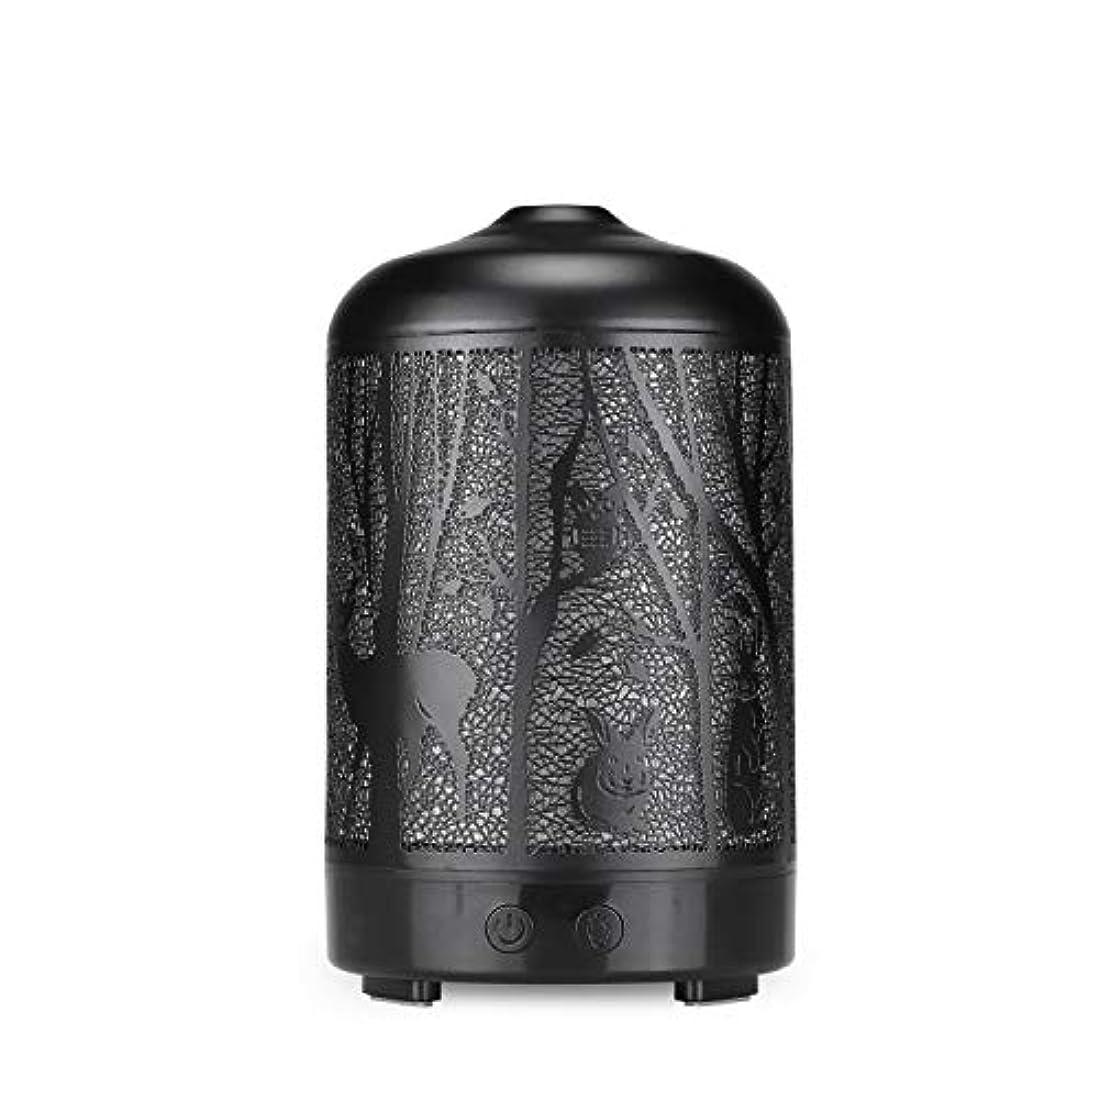 住むええ傷つきやすいエッセンシャルオイルディフューザー、100 ml超音波金属ディアーアロマセラピー香り油拡散気化器加湿器